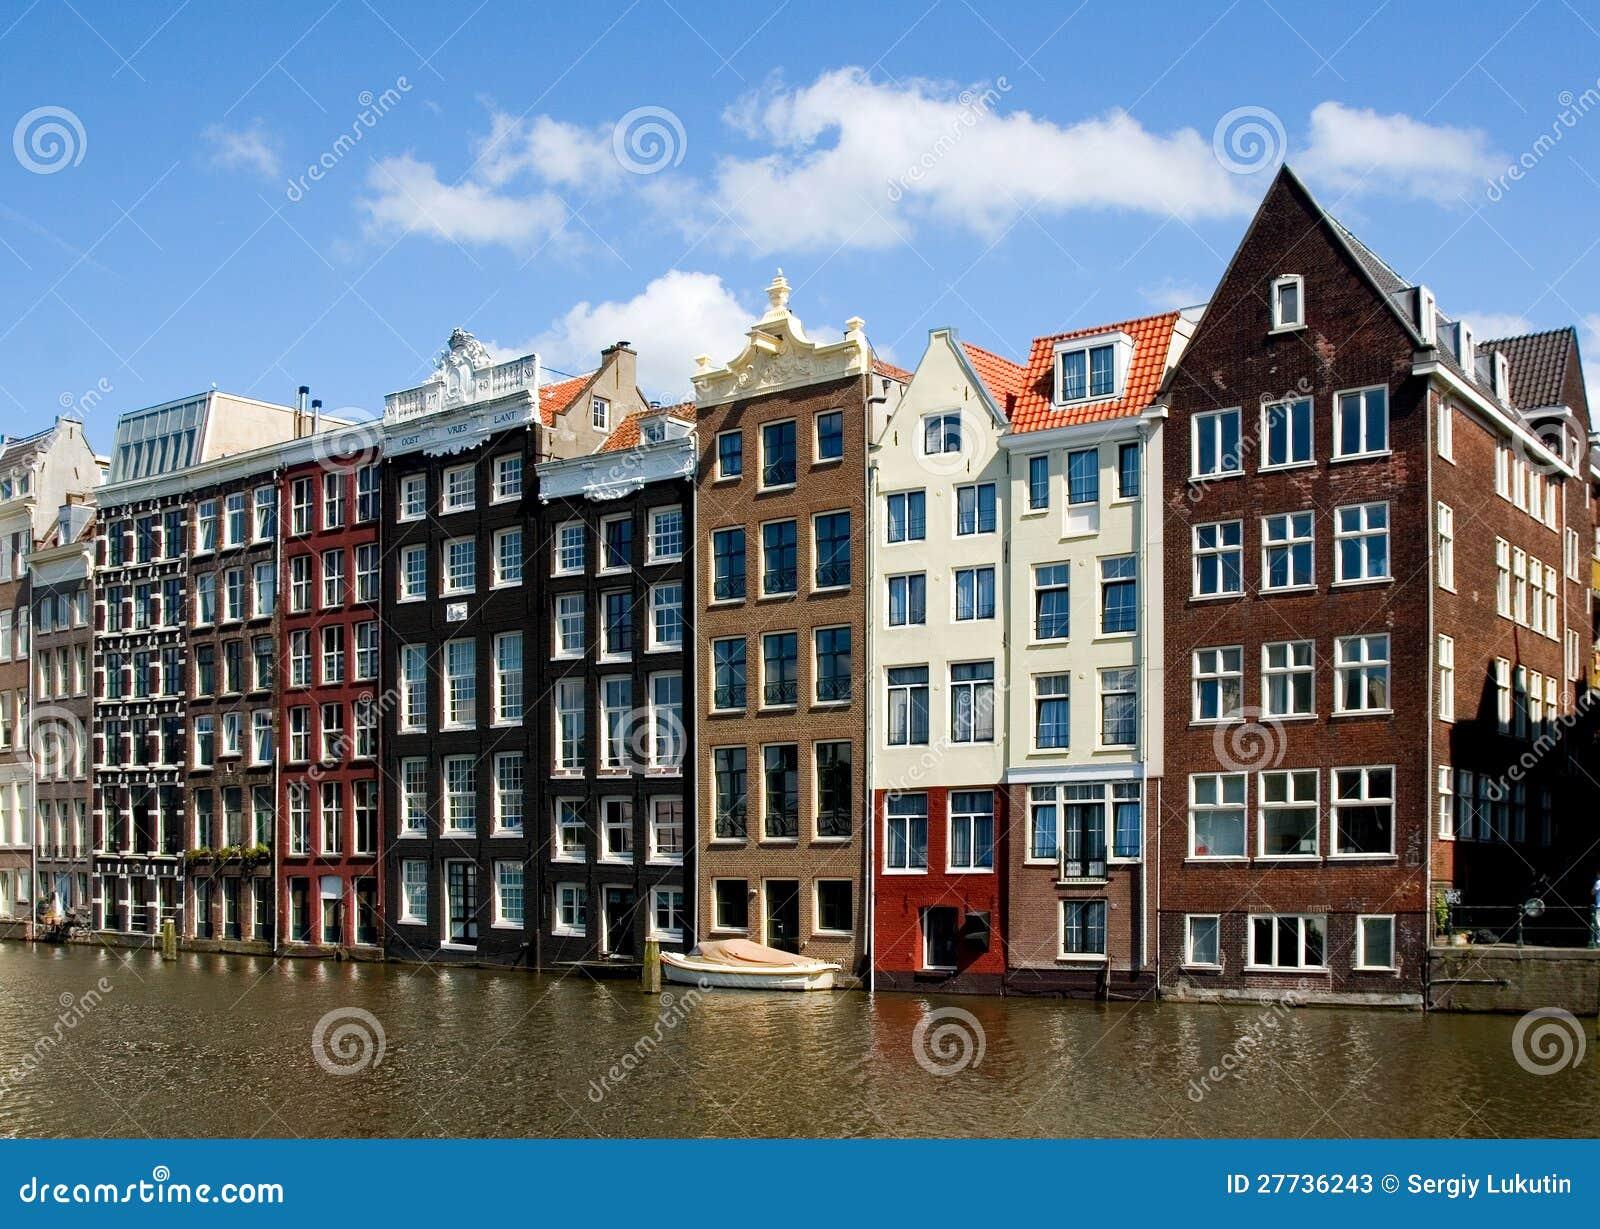 Facciata delle case a amsterdam fotografie stock for Case amsterdam economiche